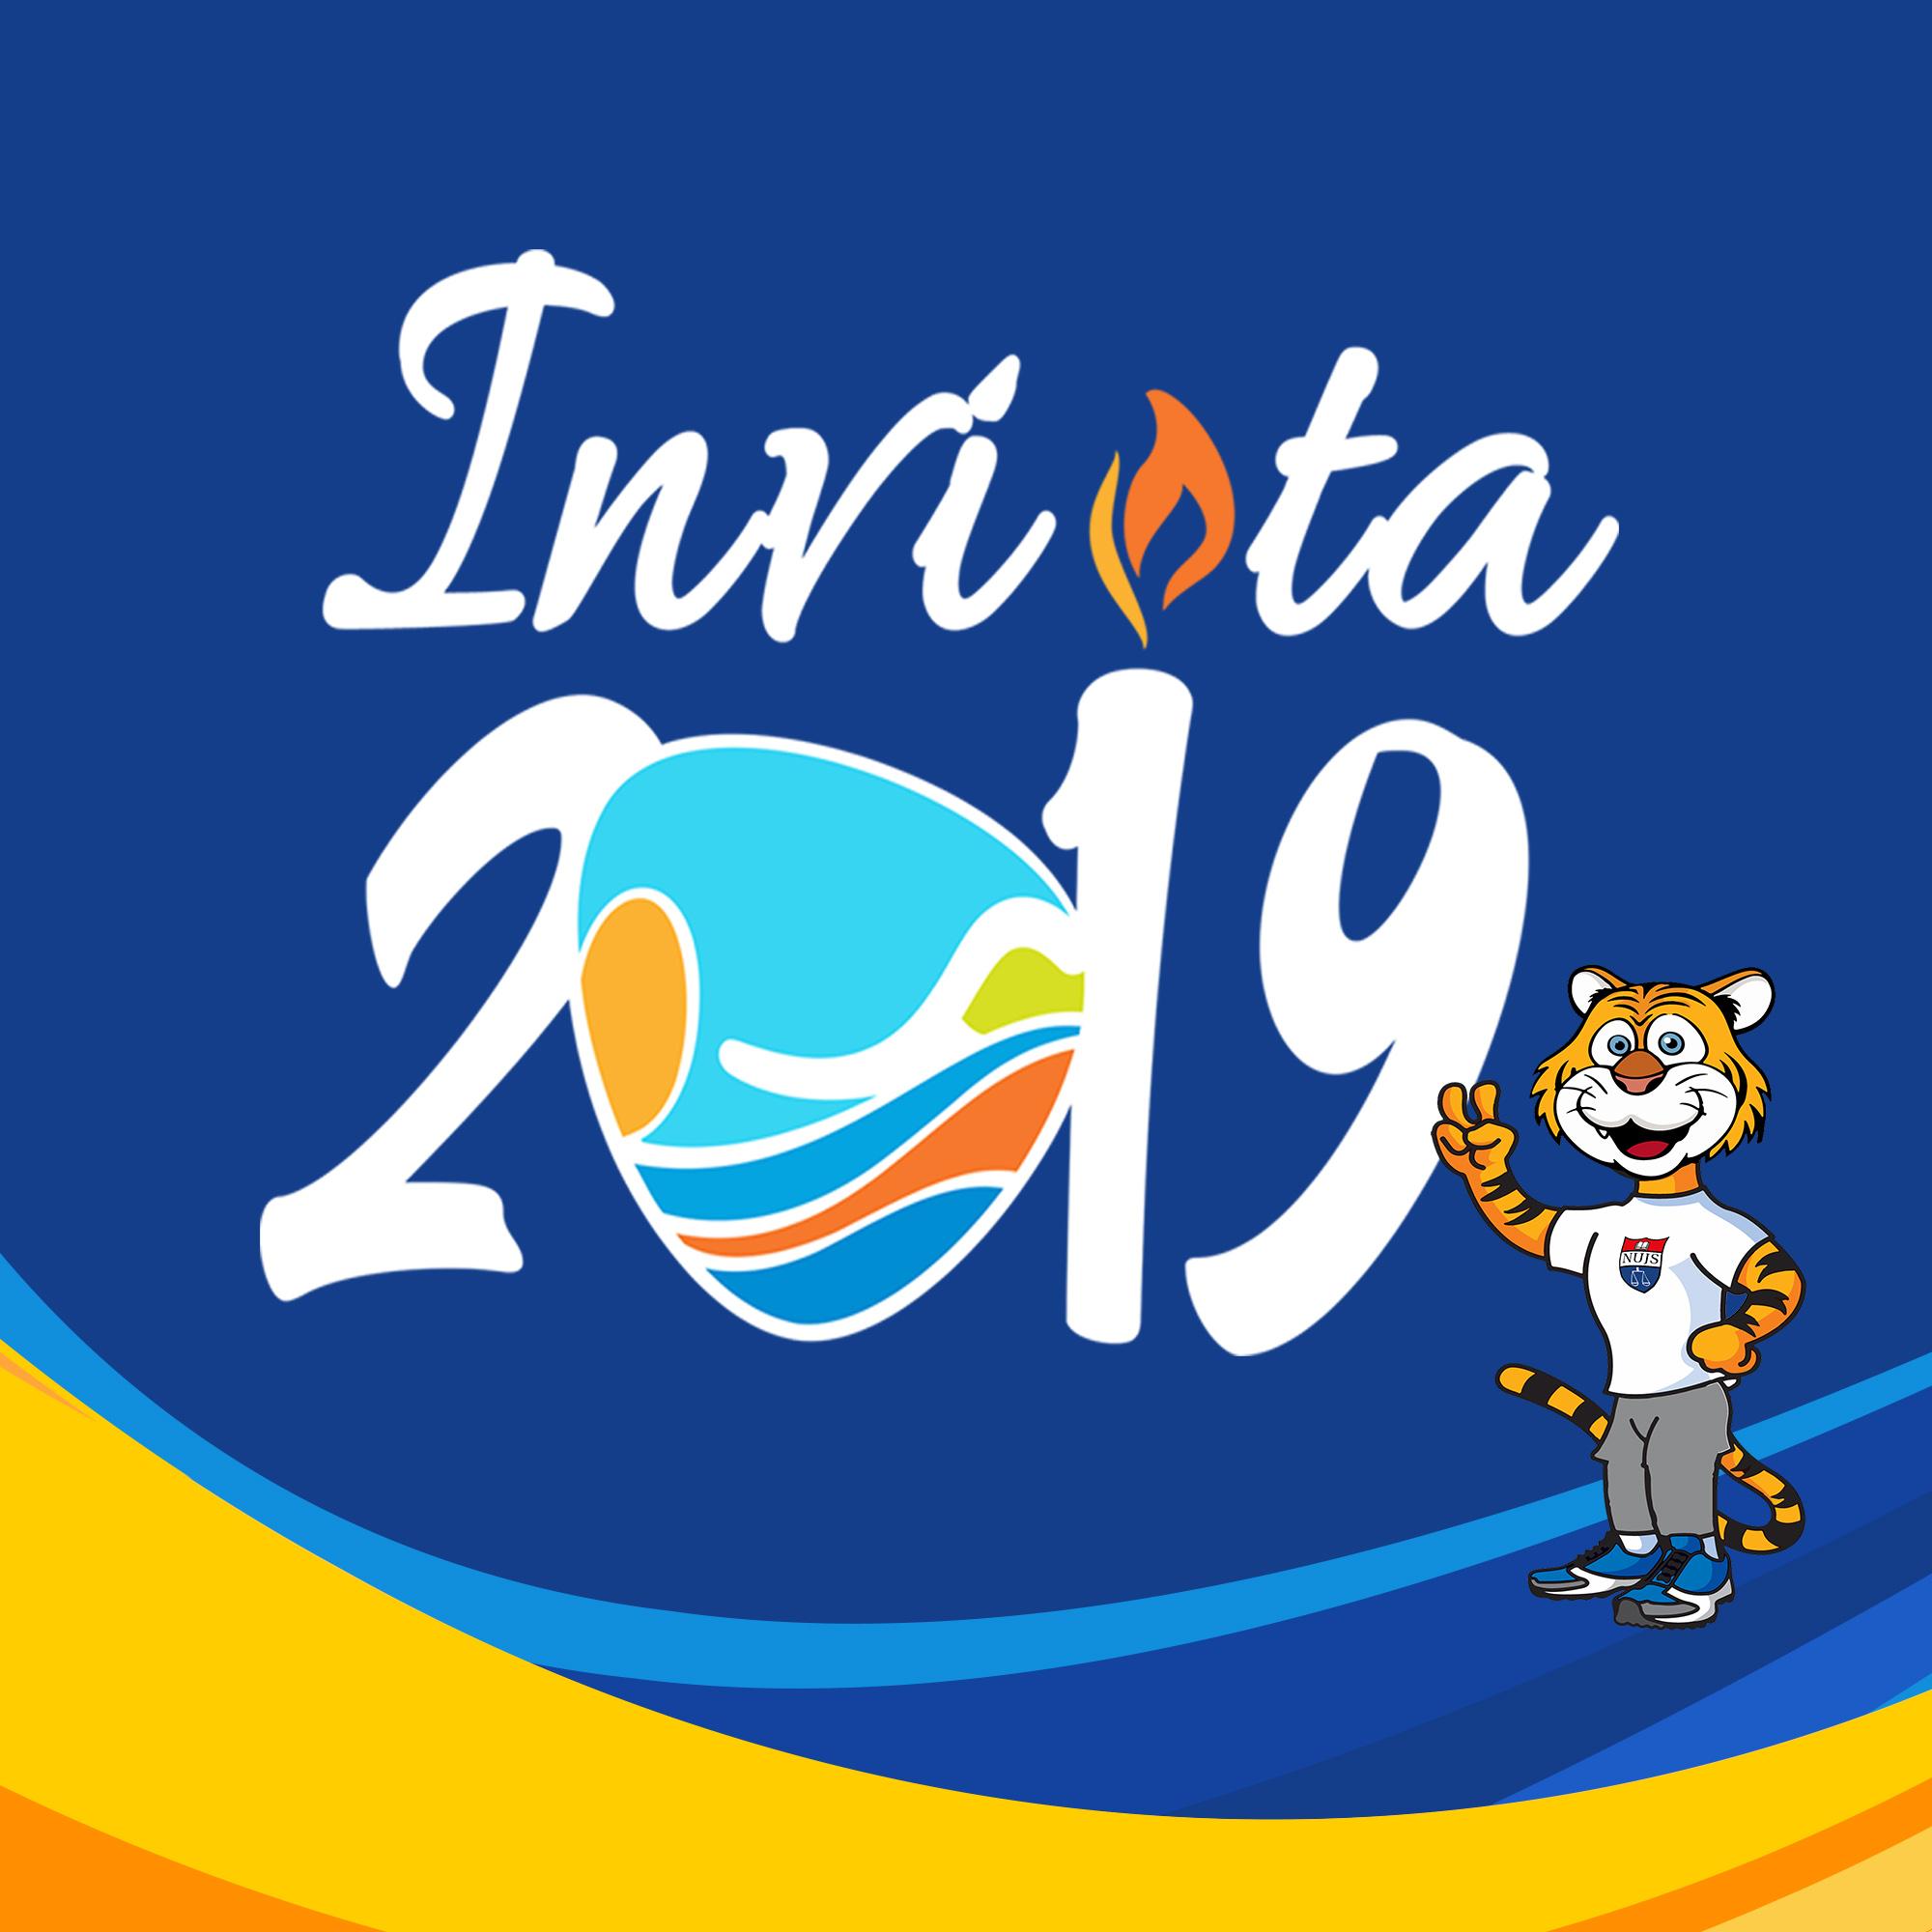 Invicta Para Invicta NUJS Kolkata sports Fest 2019